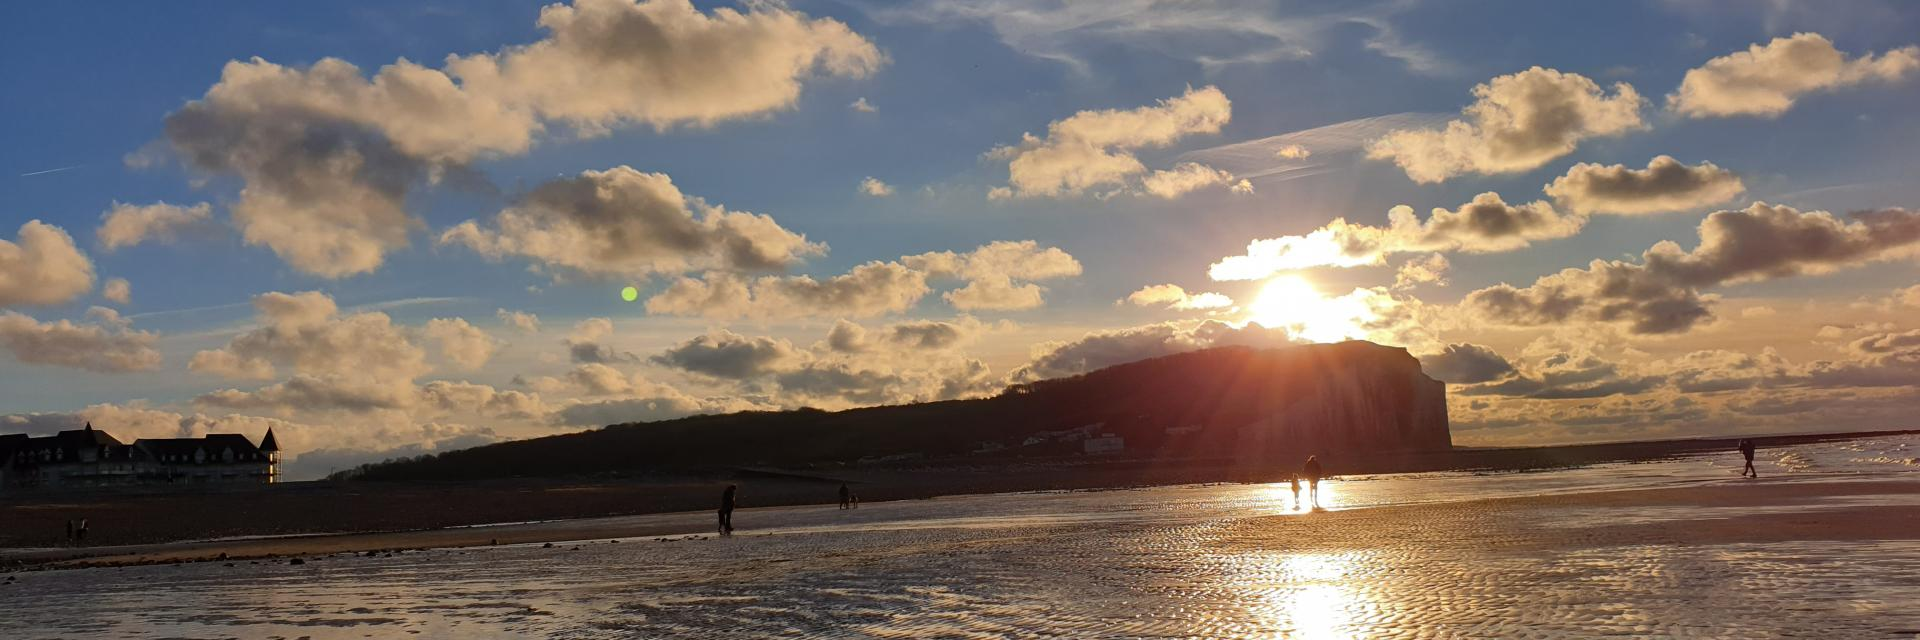 Criel plage à marée basse